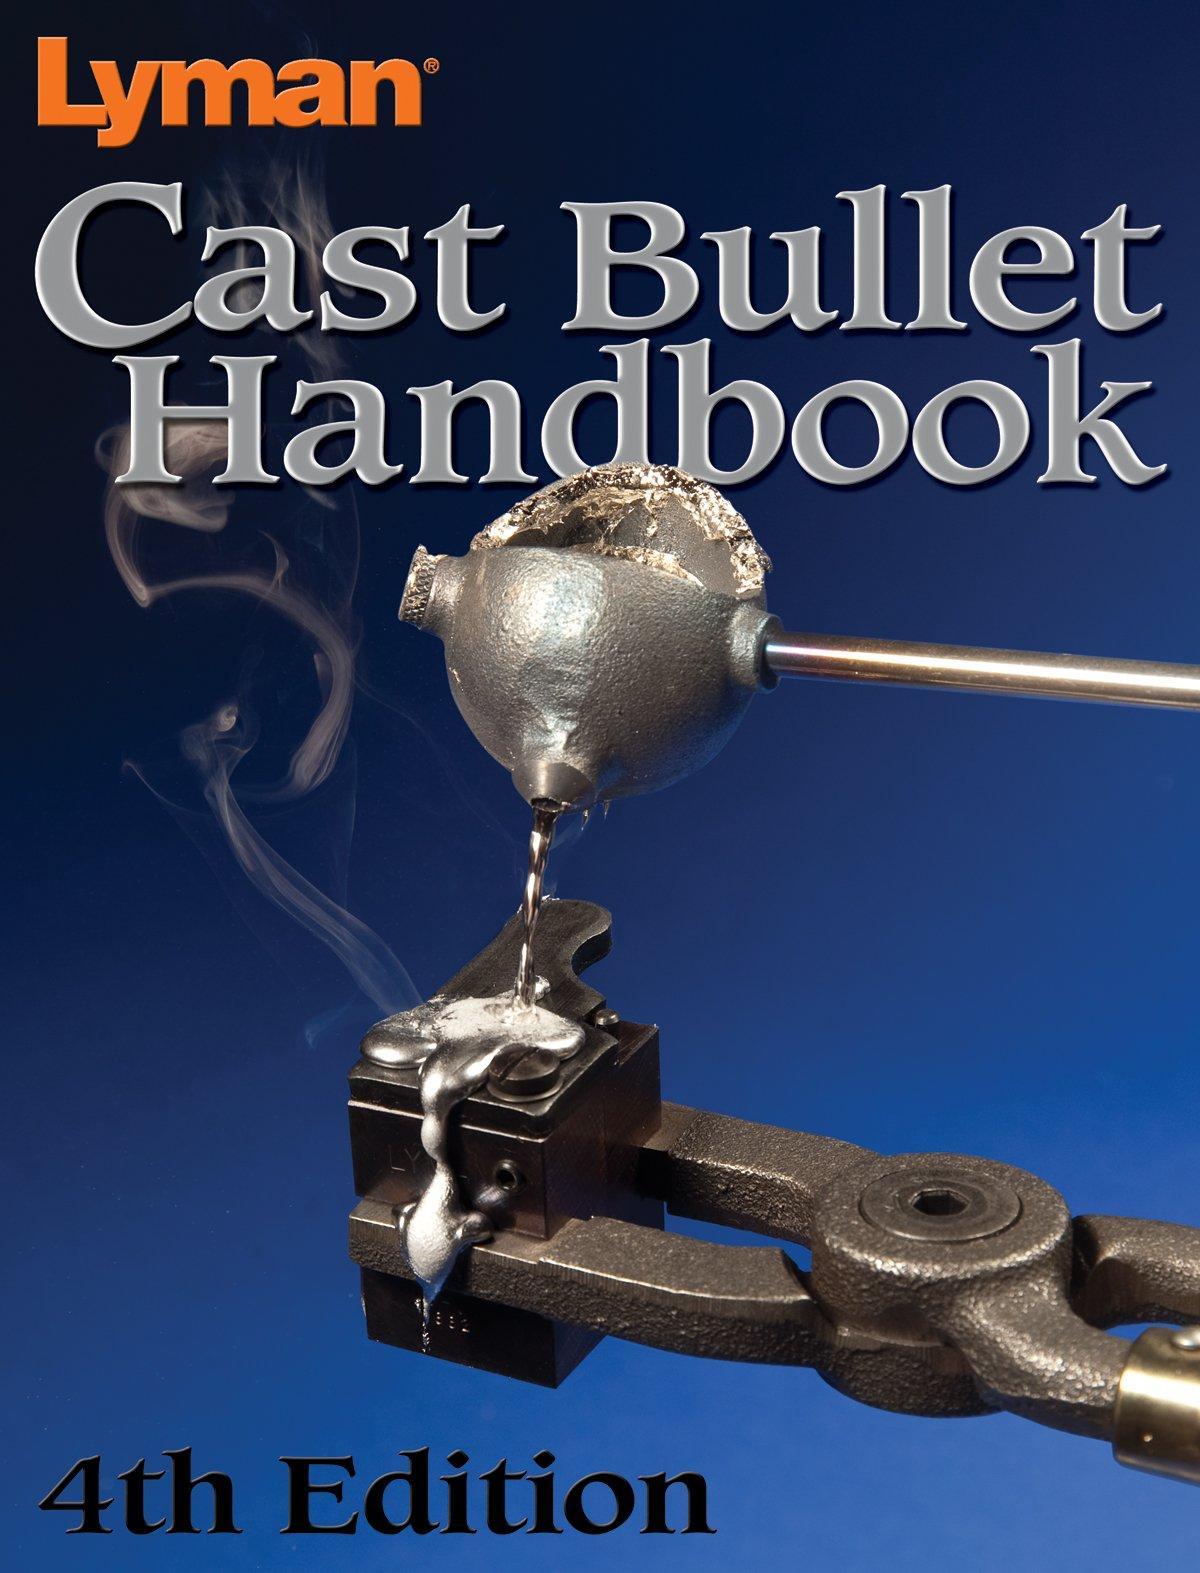 Lyman Cast Bullet Handbook 4Th Edition by Lyman